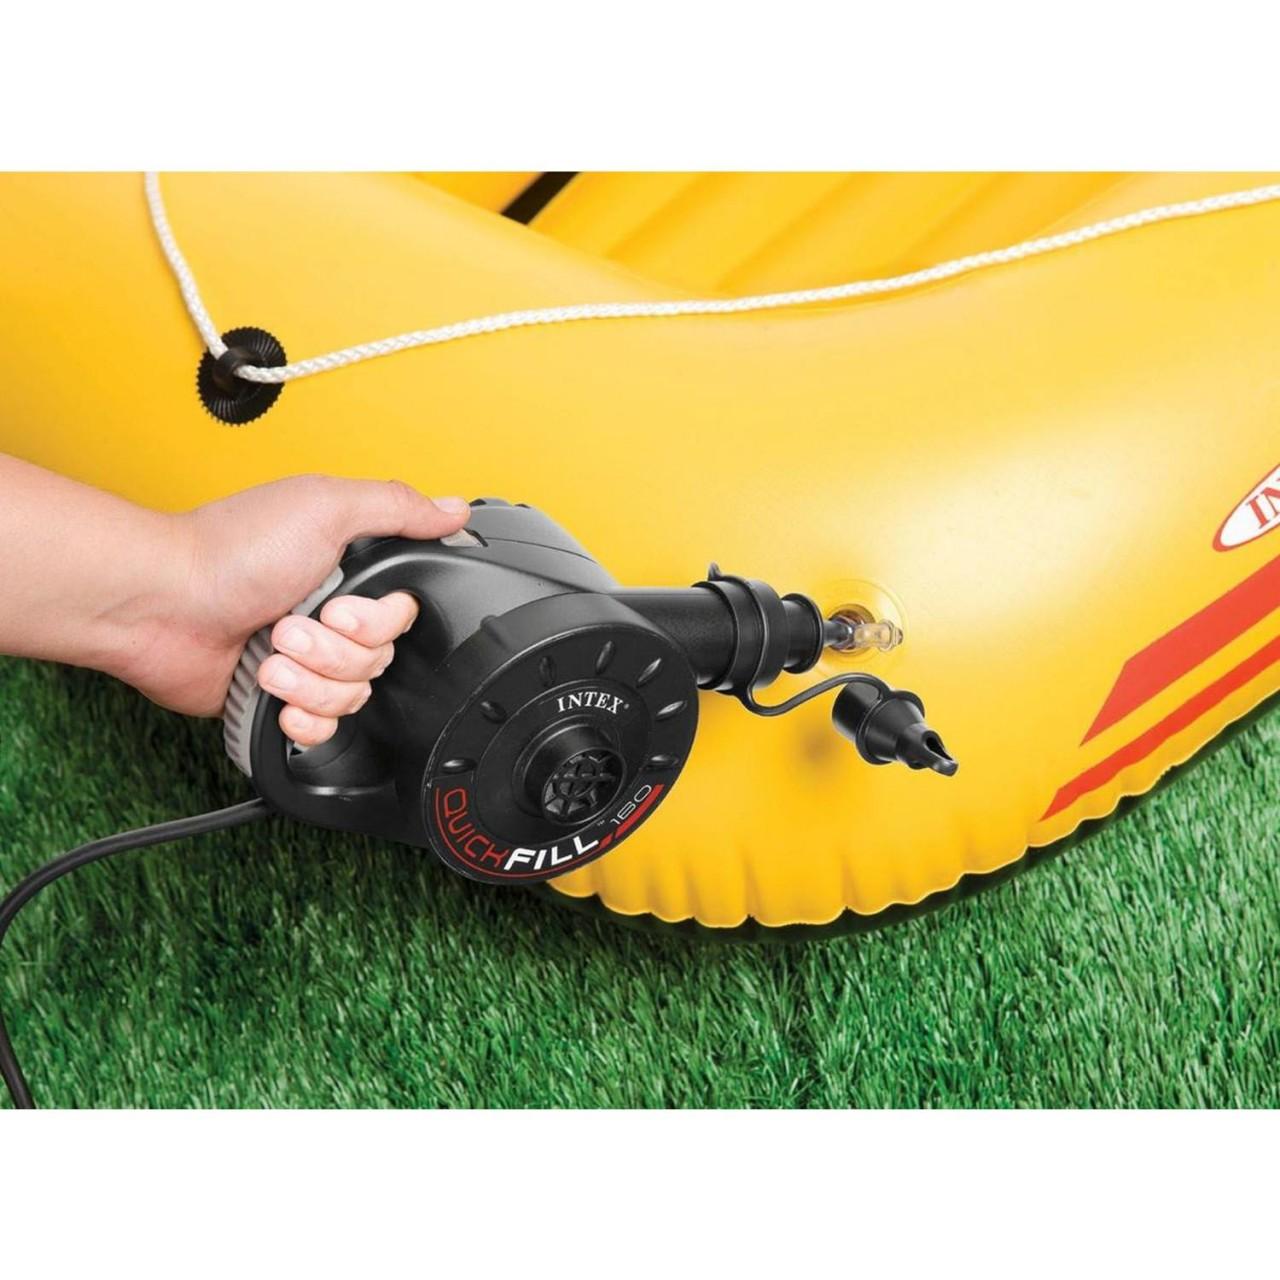 Intex 66624 Elektrische Luftpumpe für Matratze Luftbett Schlauchboot 230V Pumpe